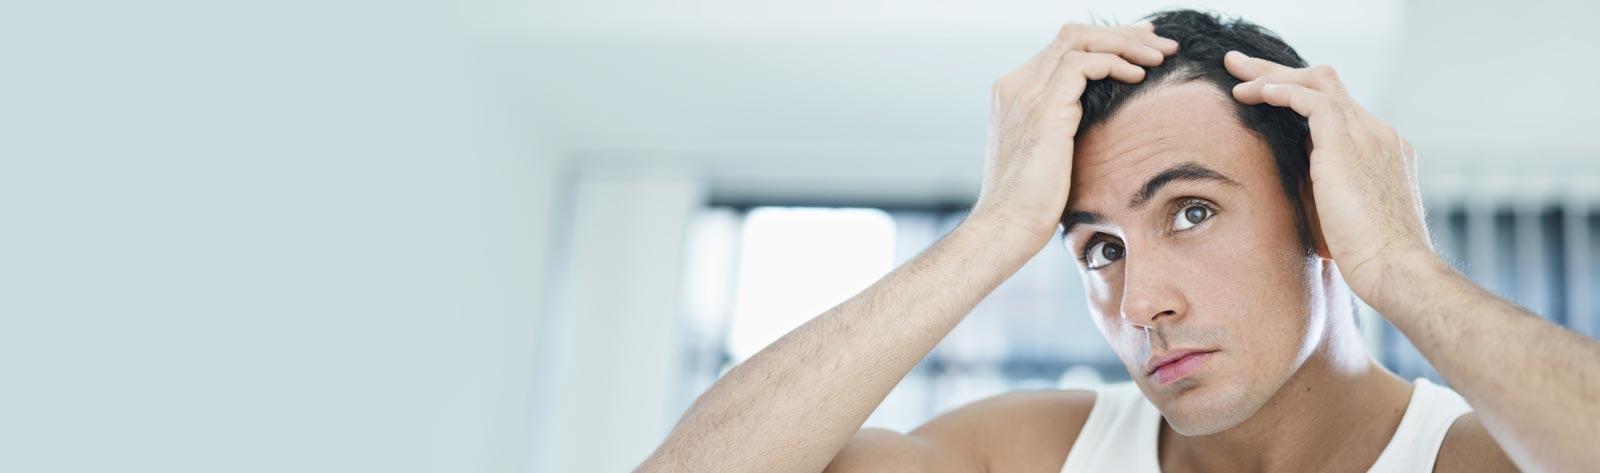 Przeszczep włosów metodą FUE – skuteczna walka z problemem łysienia